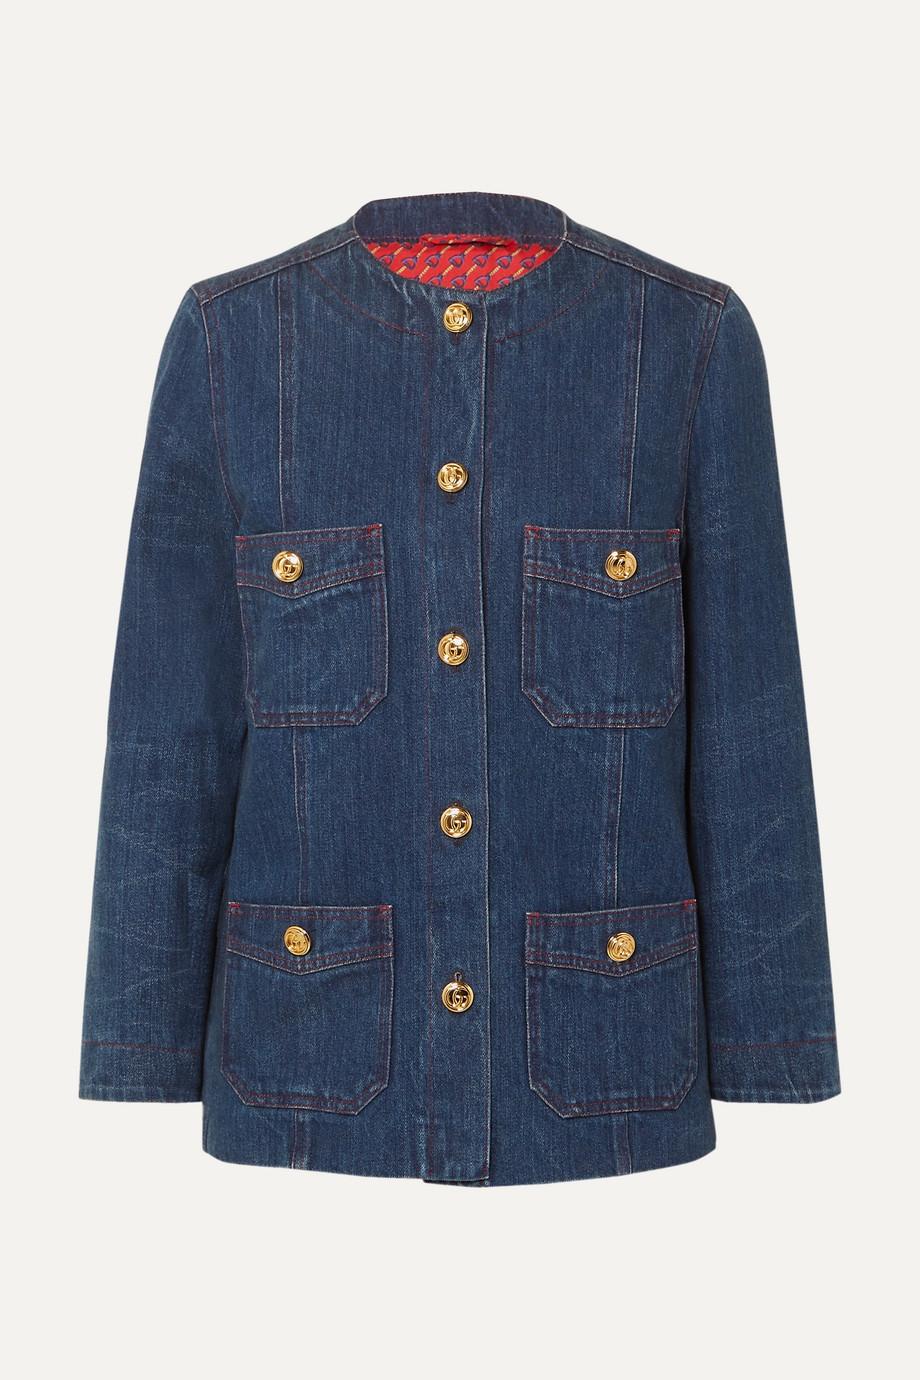 Gucci Button-embellished denim jacket